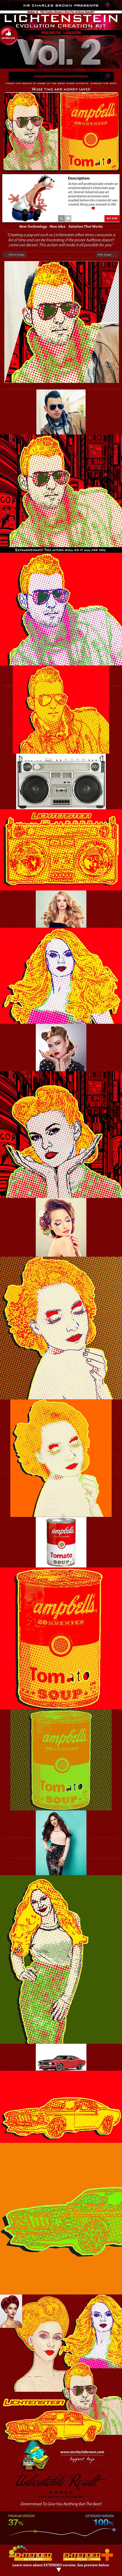 Lichtenstein Evolution Creation Kit v2 - Photo Effects Actions